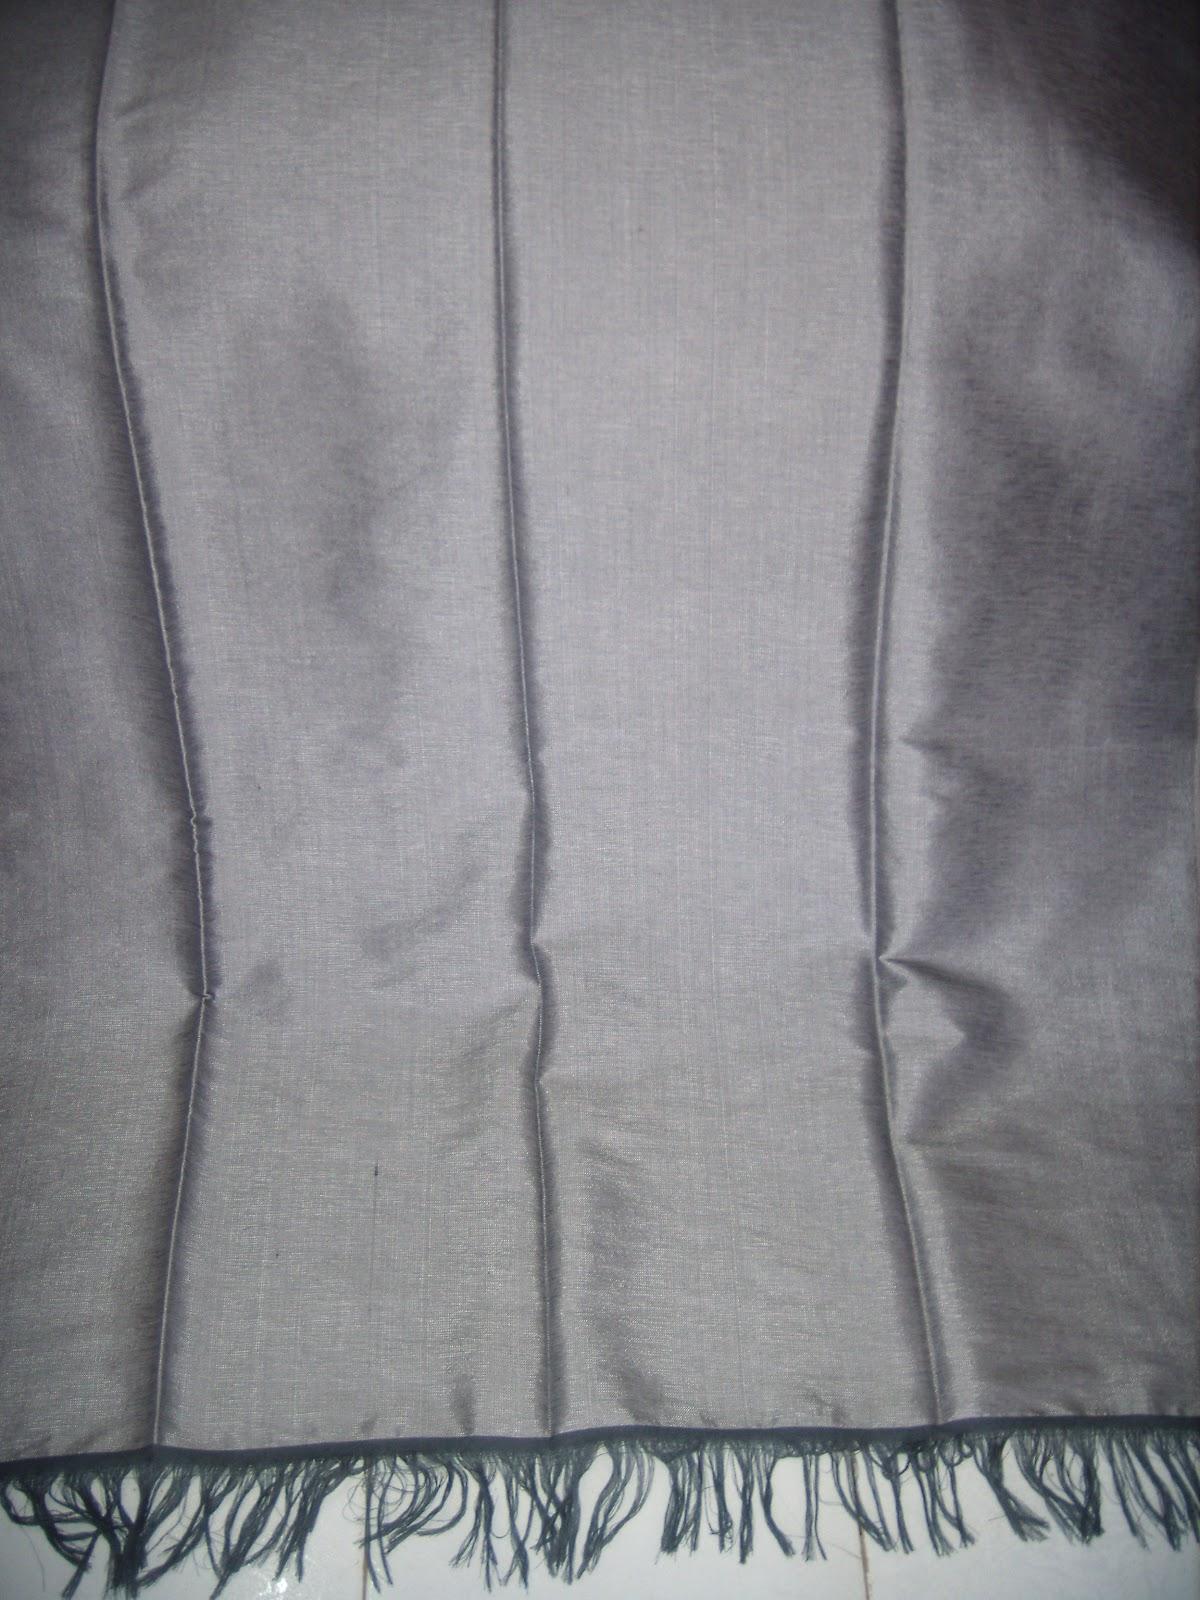 merycarpet couvre lit ou jet de canap gris. Black Bedroom Furniture Sets. Home Design Ideas